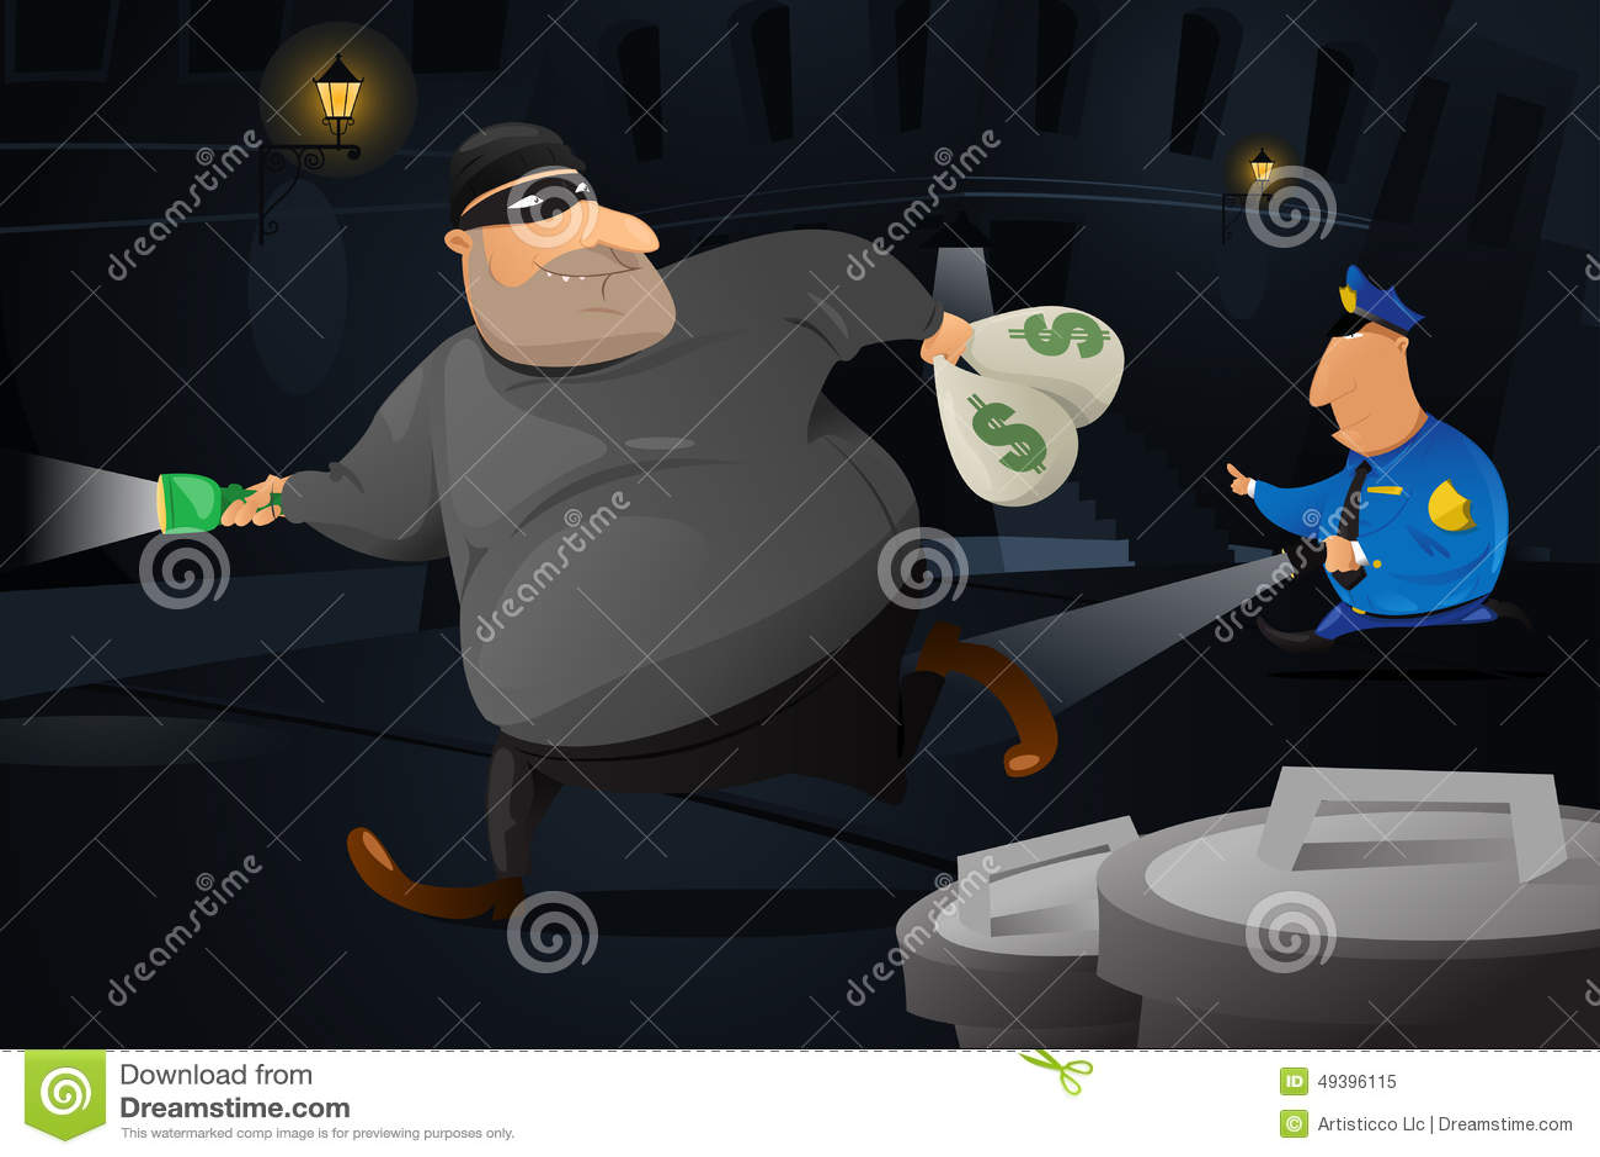 Poliziotto che prende un ladro in un vicolo scuro